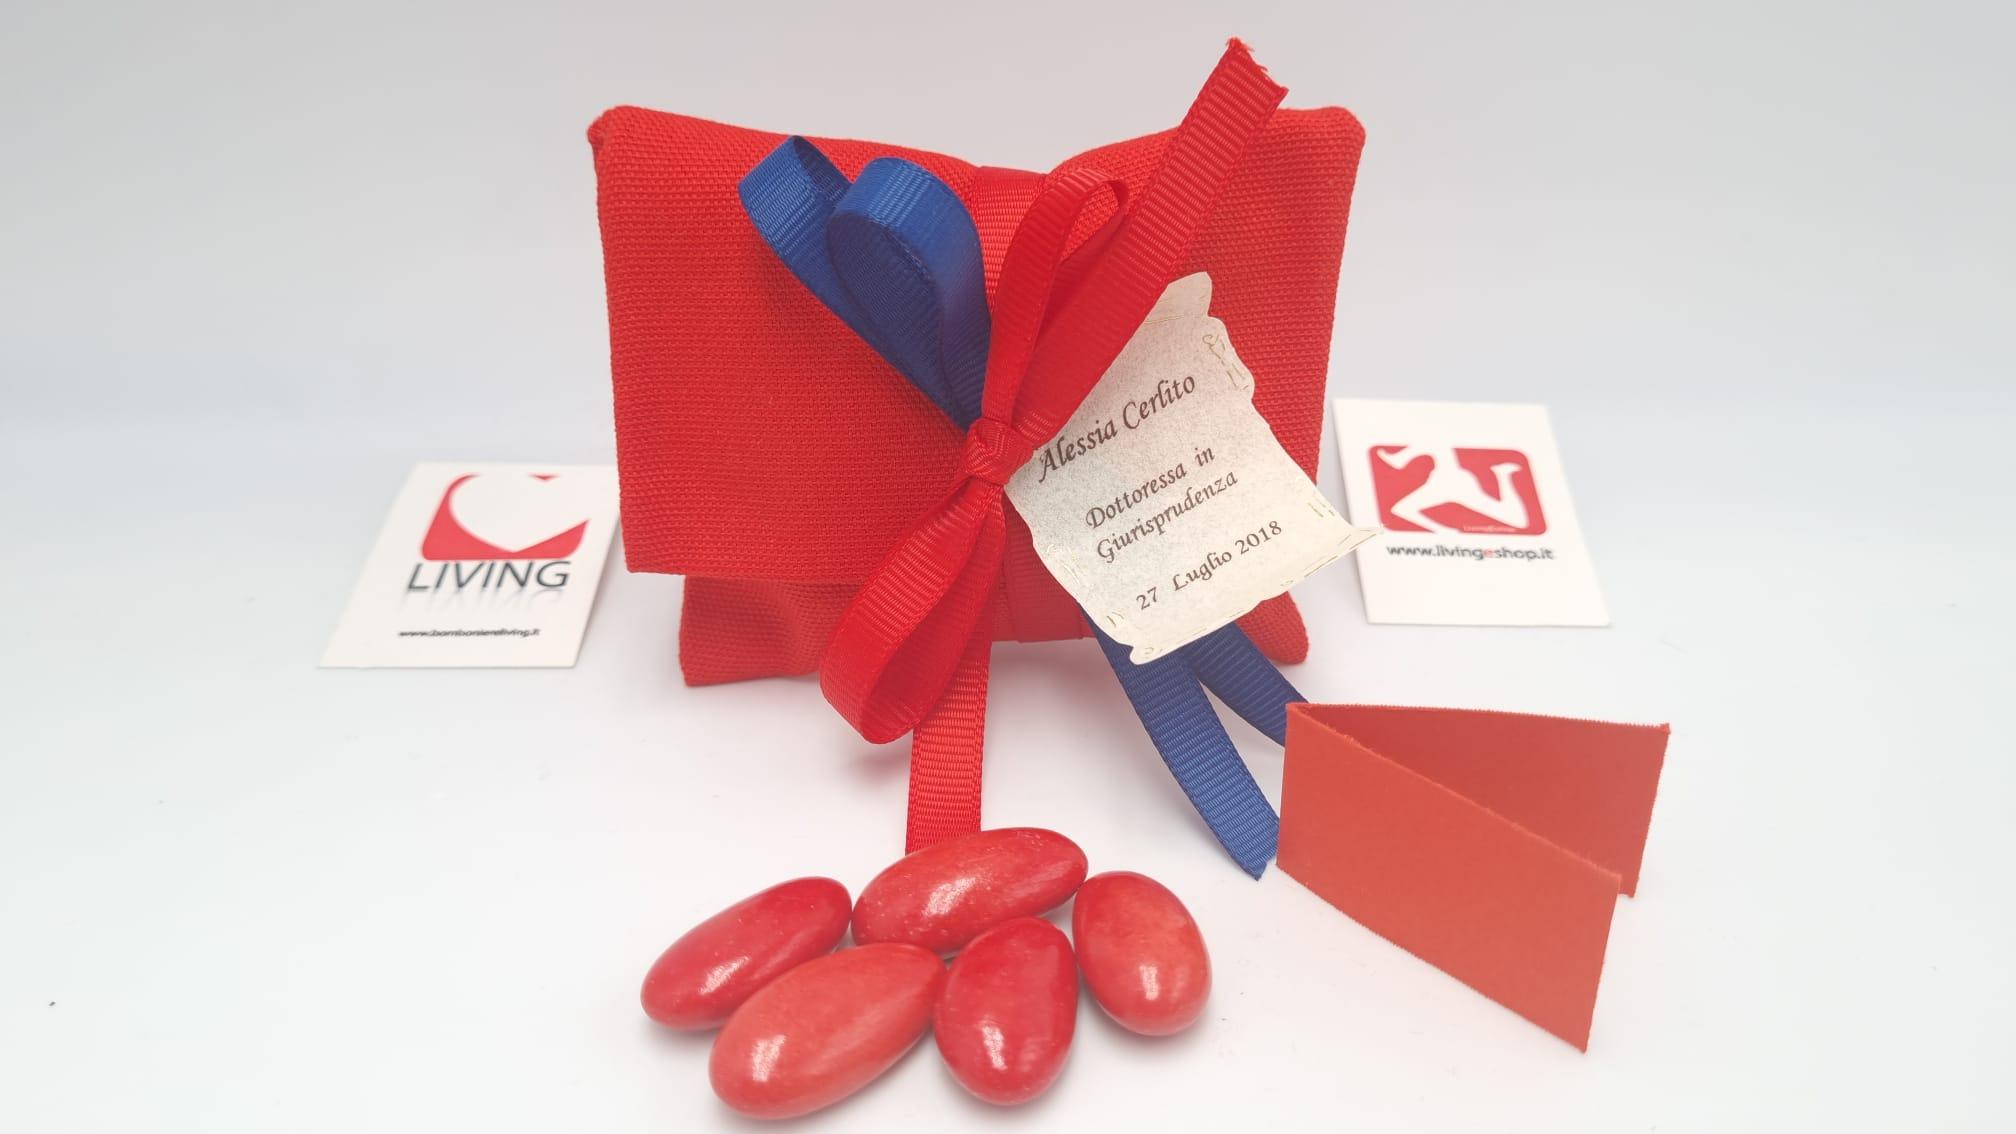 Sacchetto Laurea busta lettere grezzo rosso